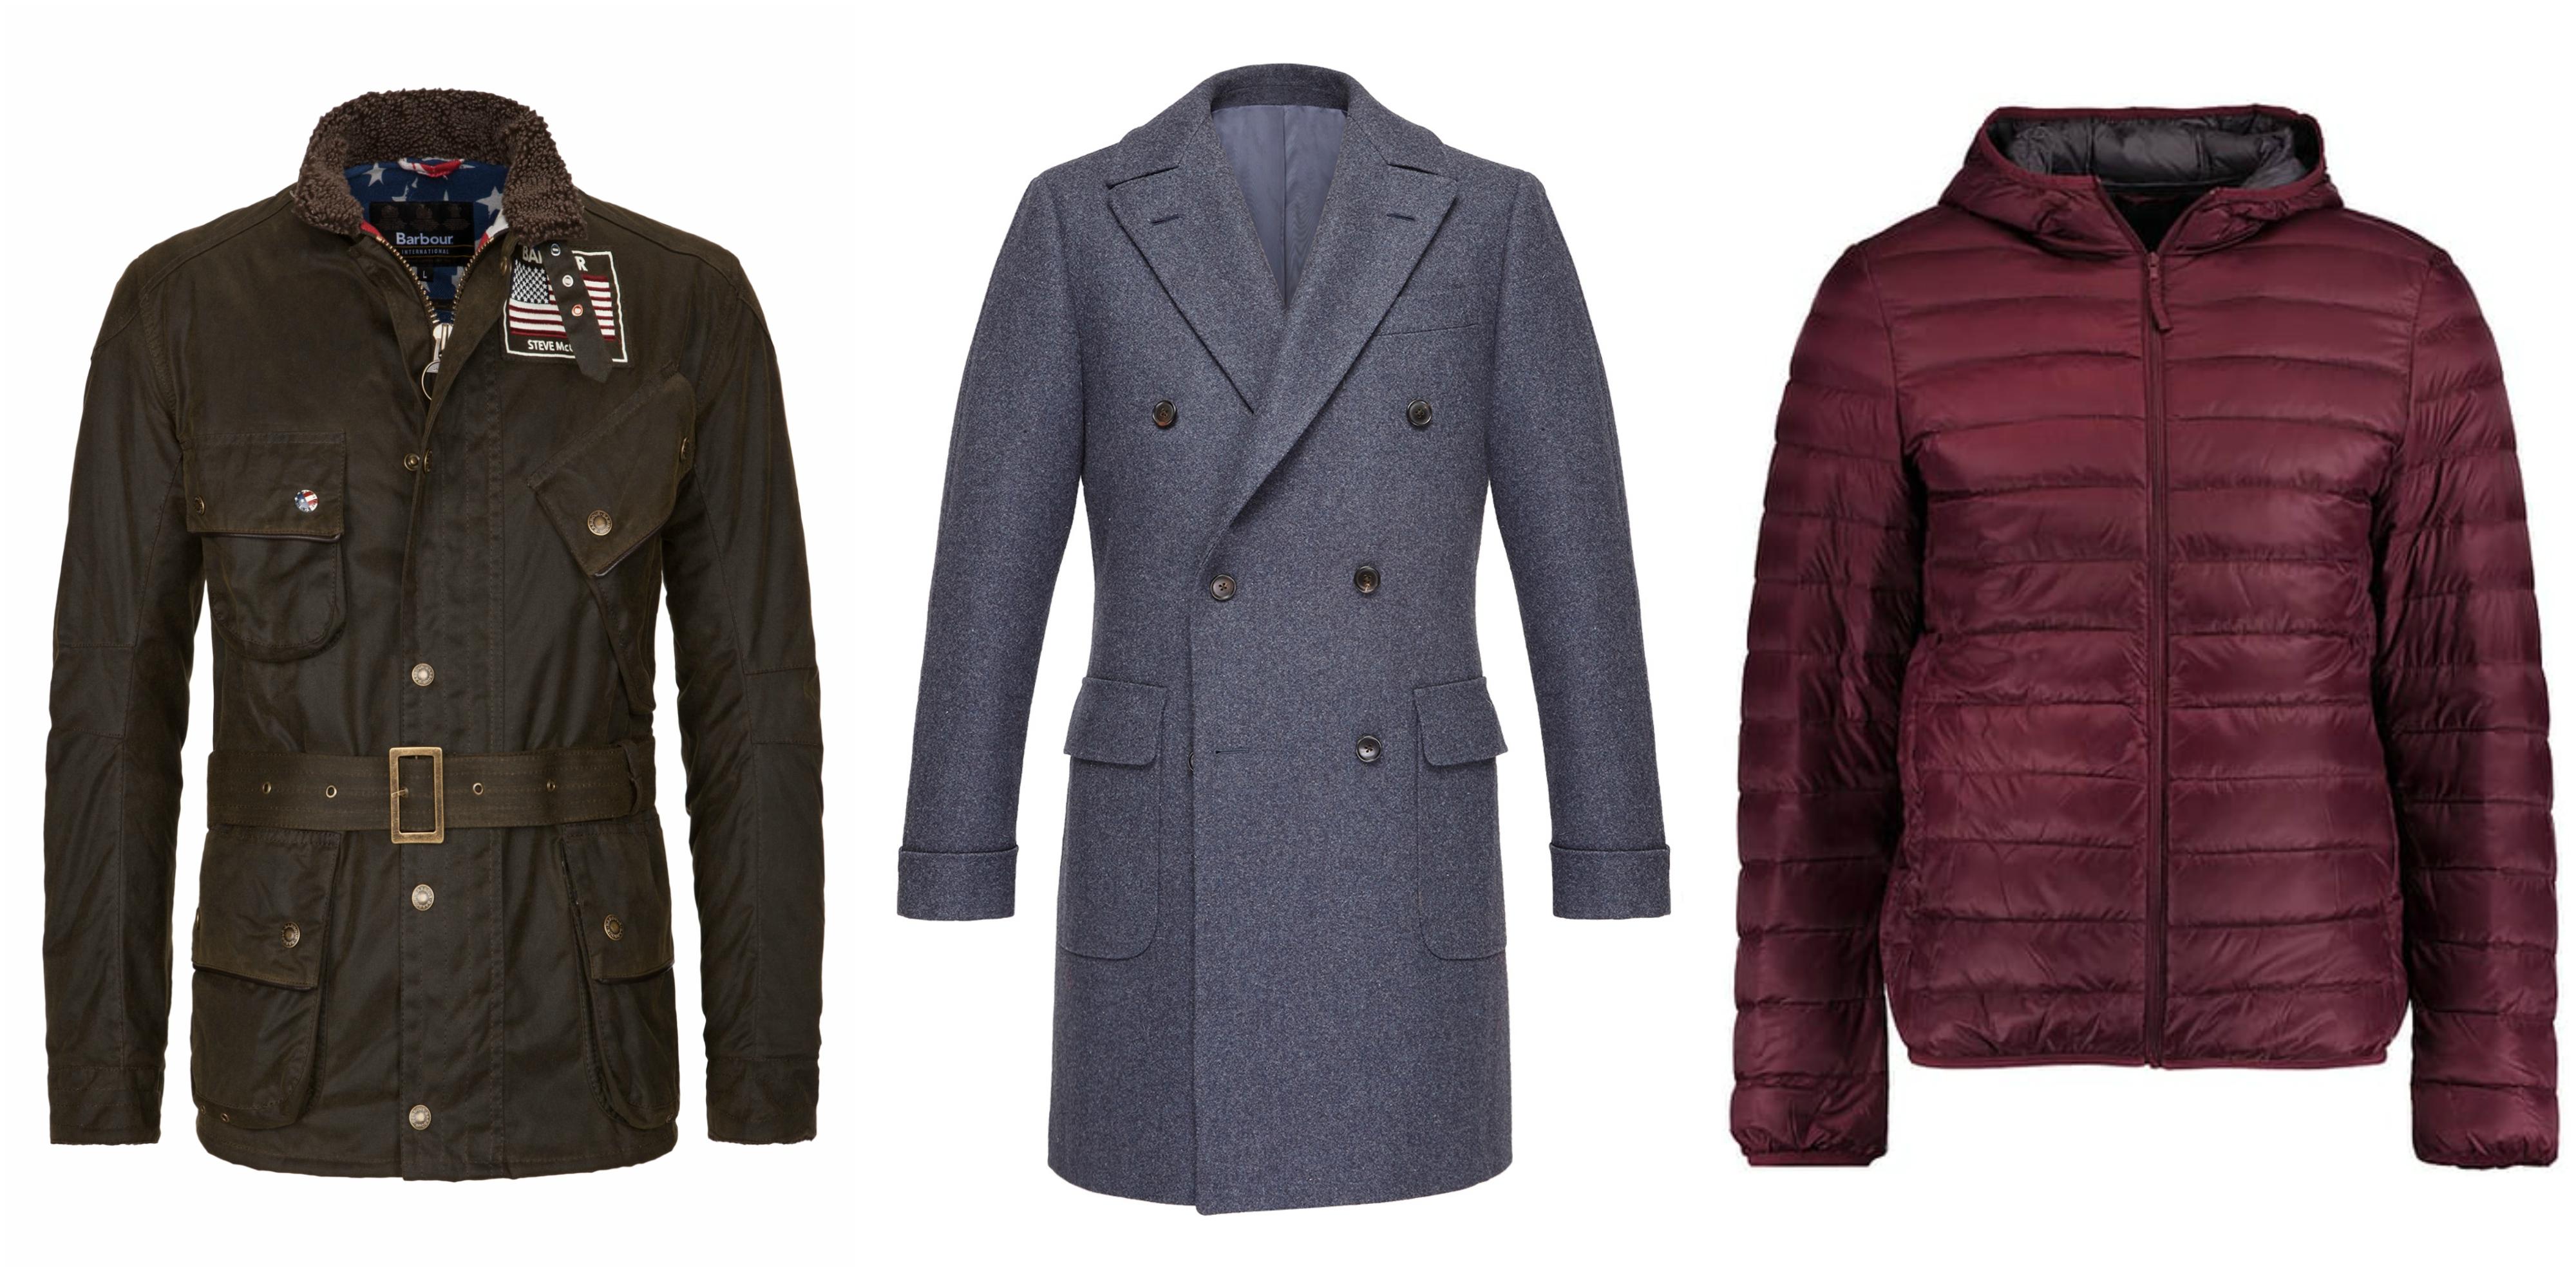 25ed6ec87faff Męskie kurtki i płaszcze - kompendium | Dandycore